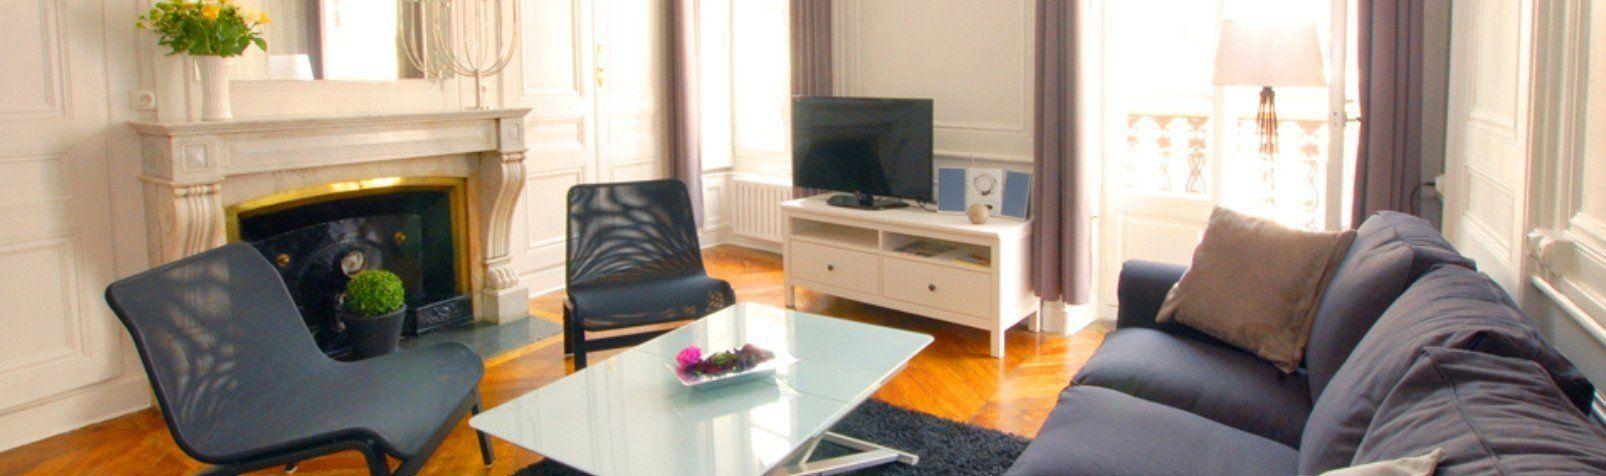 Location appartement meubl avec 2 chambres location saisonni re lyon 6 passerelle du coll ge - Location studio meuble lyon 2 ...